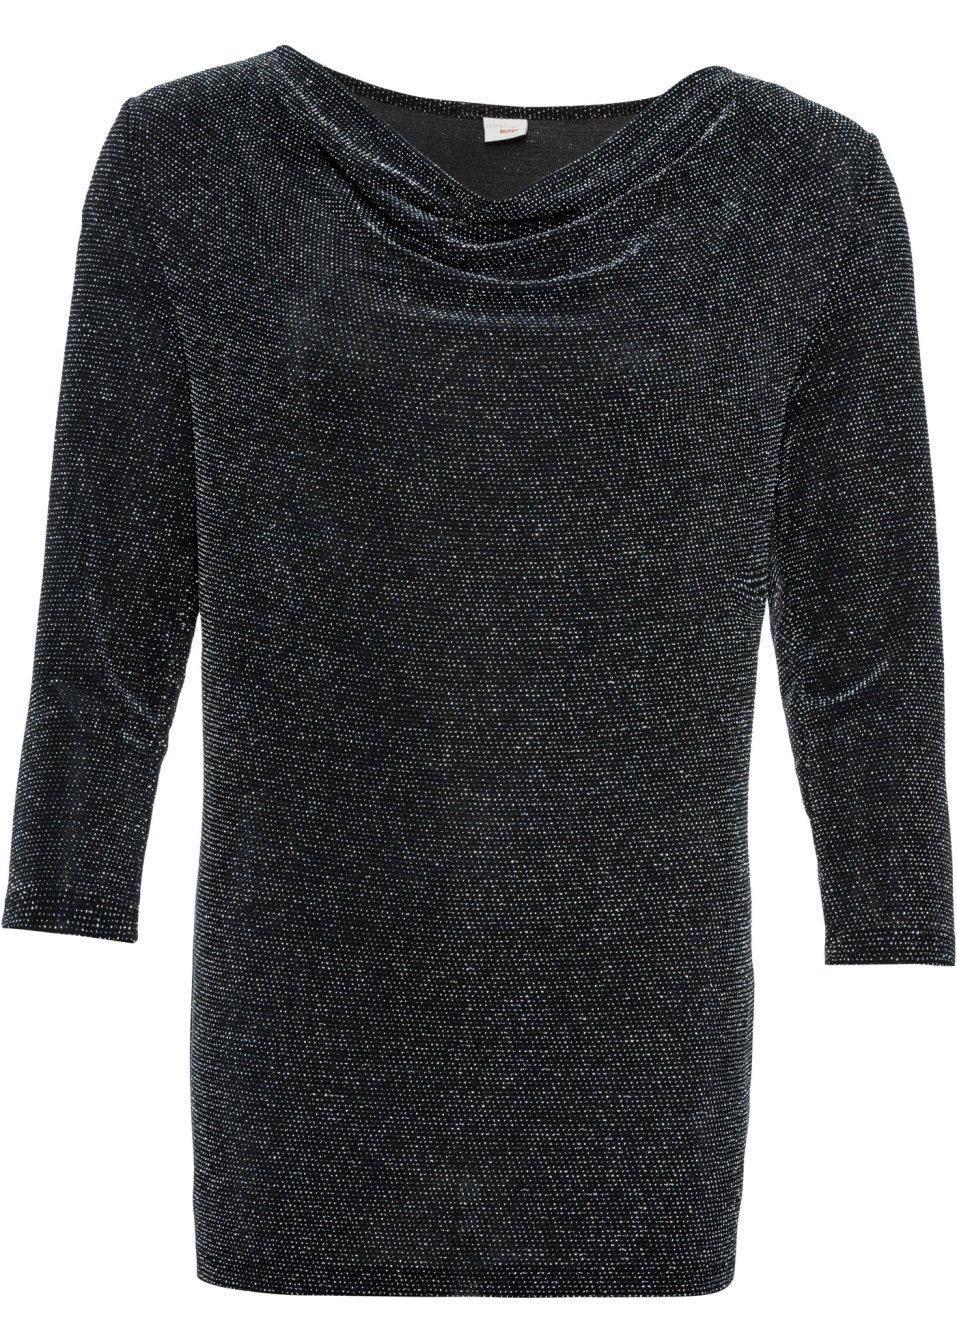 Glitzerndes Lurex-Shirt mit Wasserfallausschnitt und 3/4-langen Ärmeln - schwarz/silber chHeZ veUKz